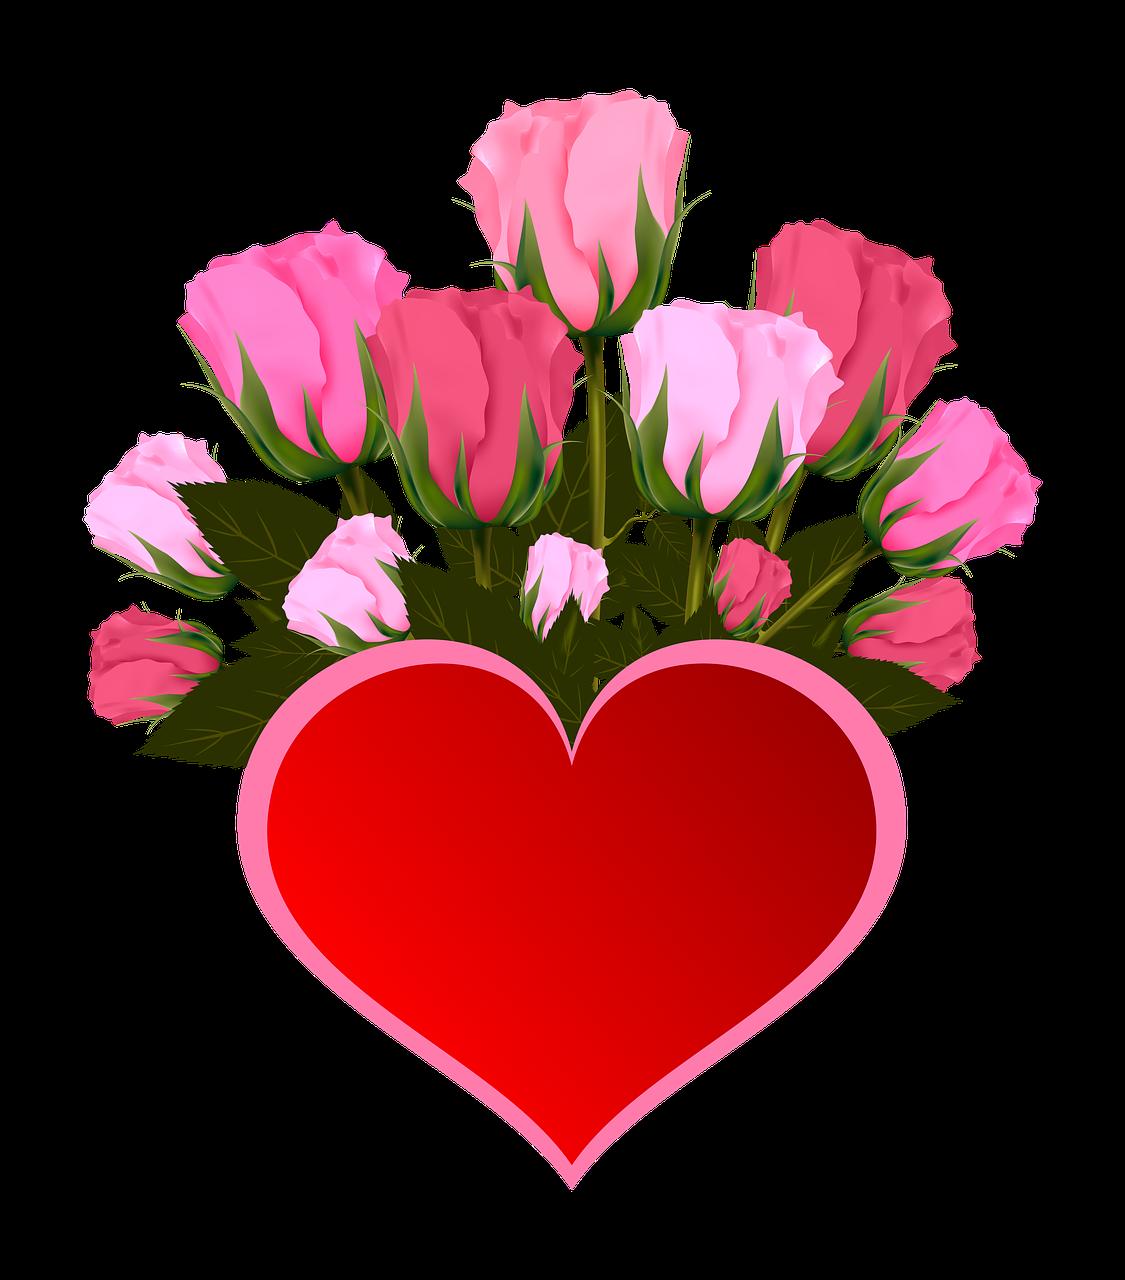 Maroon colored thanksgiving clipart image transparent download Gratis billede på Pixabay - Blomster, Rose, Pink, Buket, Hjerte ... image transparent download